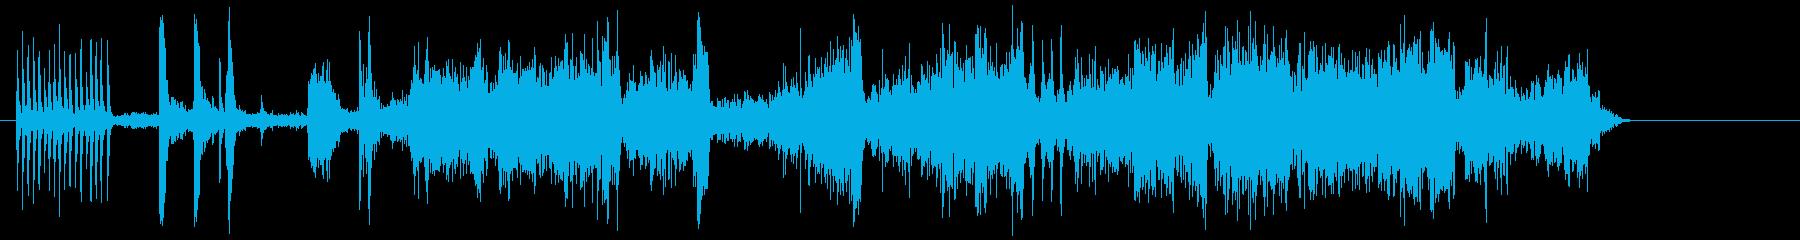 近代的なトラム2徒歩の再生済みの波形